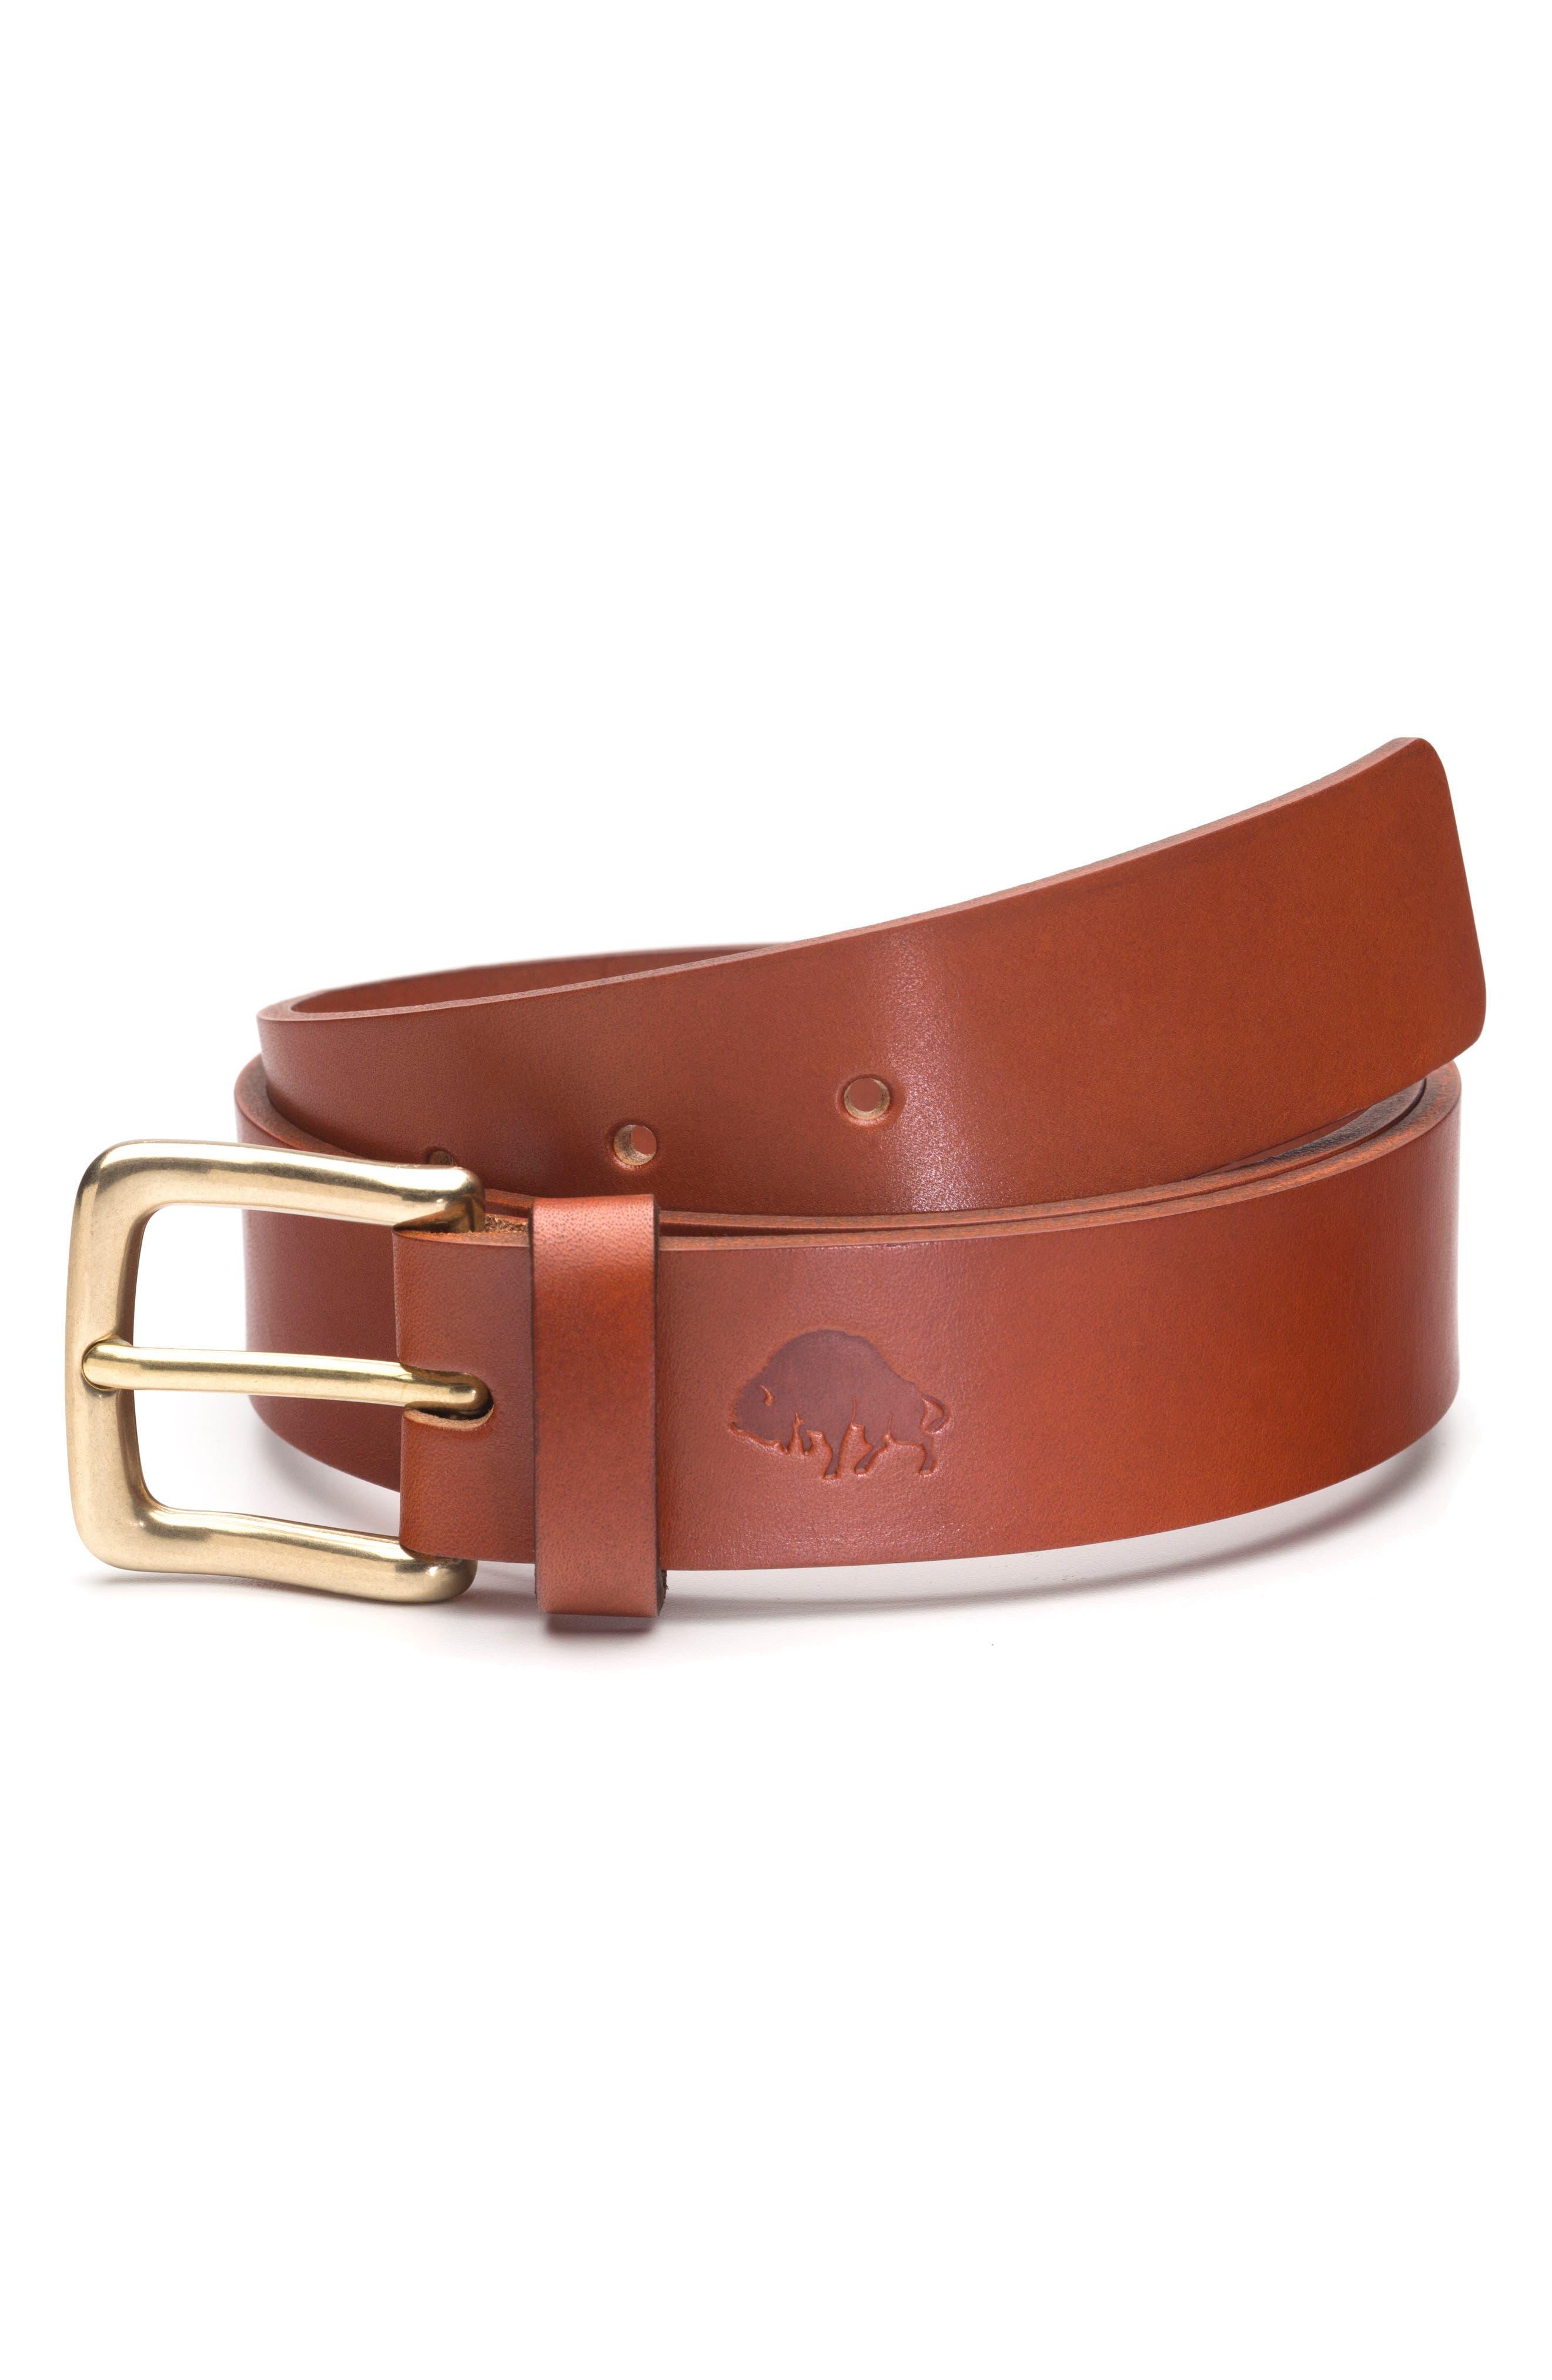 Main Image - Ezra Arthur No. 1 Leather Belt